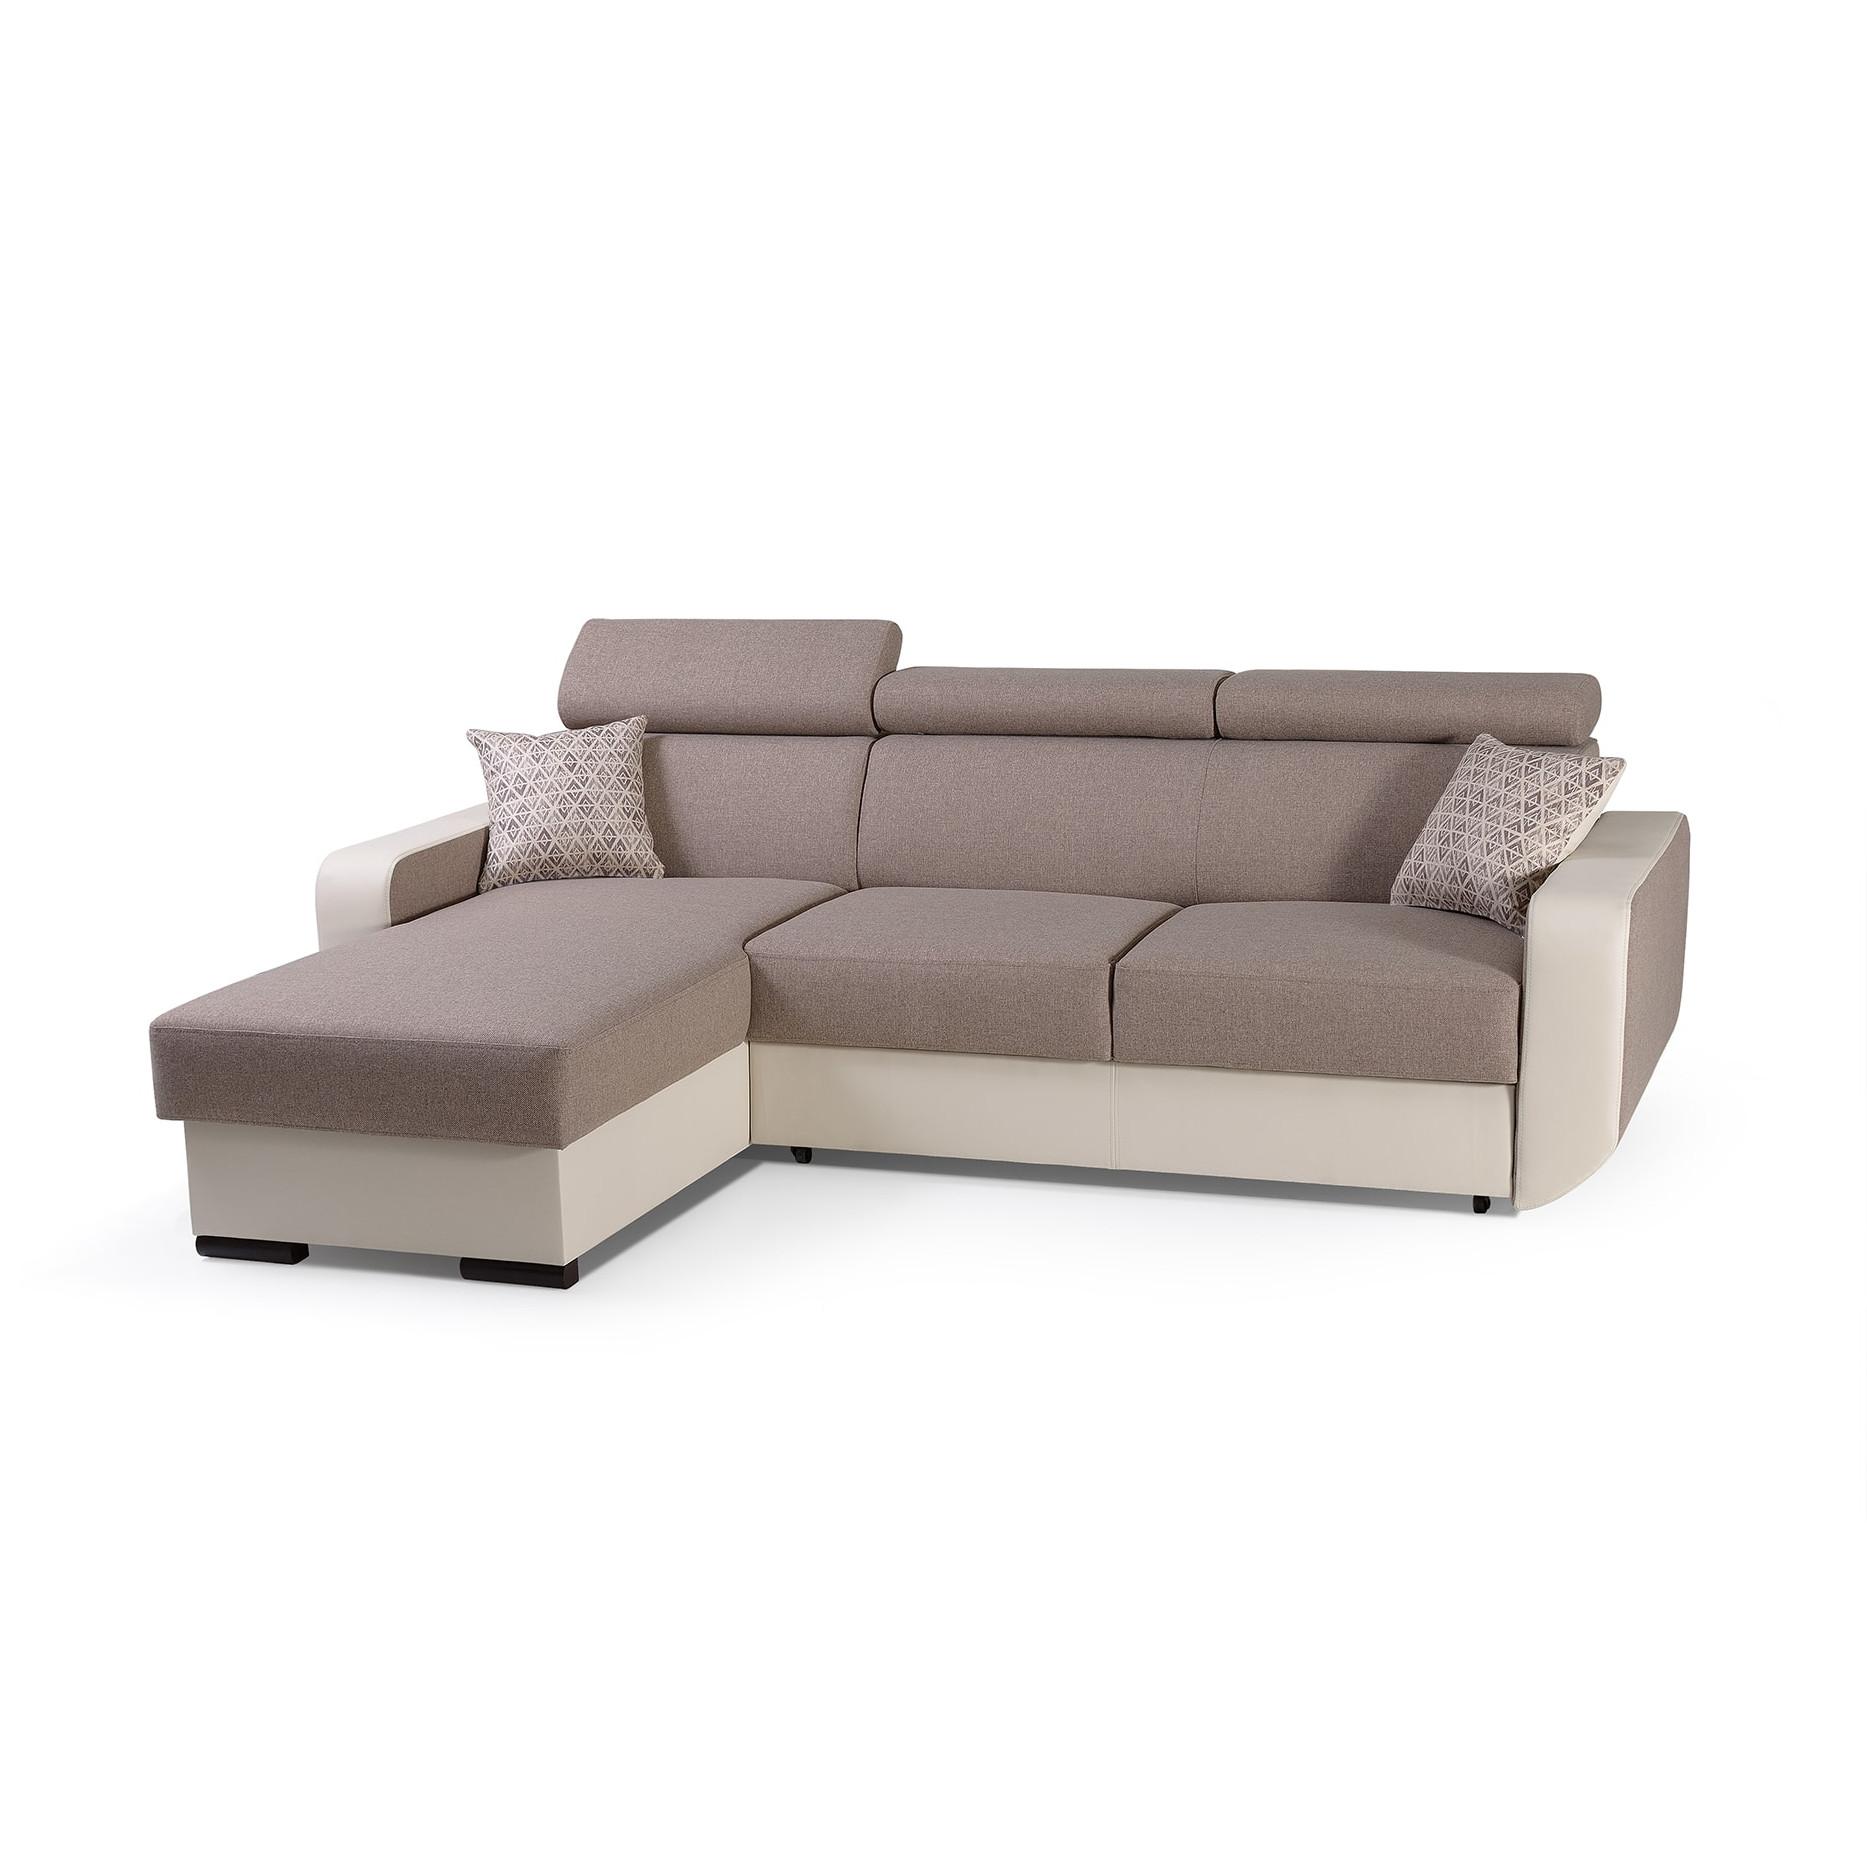 eckcouch mit schlaffunktion couch ecksofa grau wohnlandschaft l form sofa pedro ebay. Black Bedroom Furniture Sets. Home Design Ideas